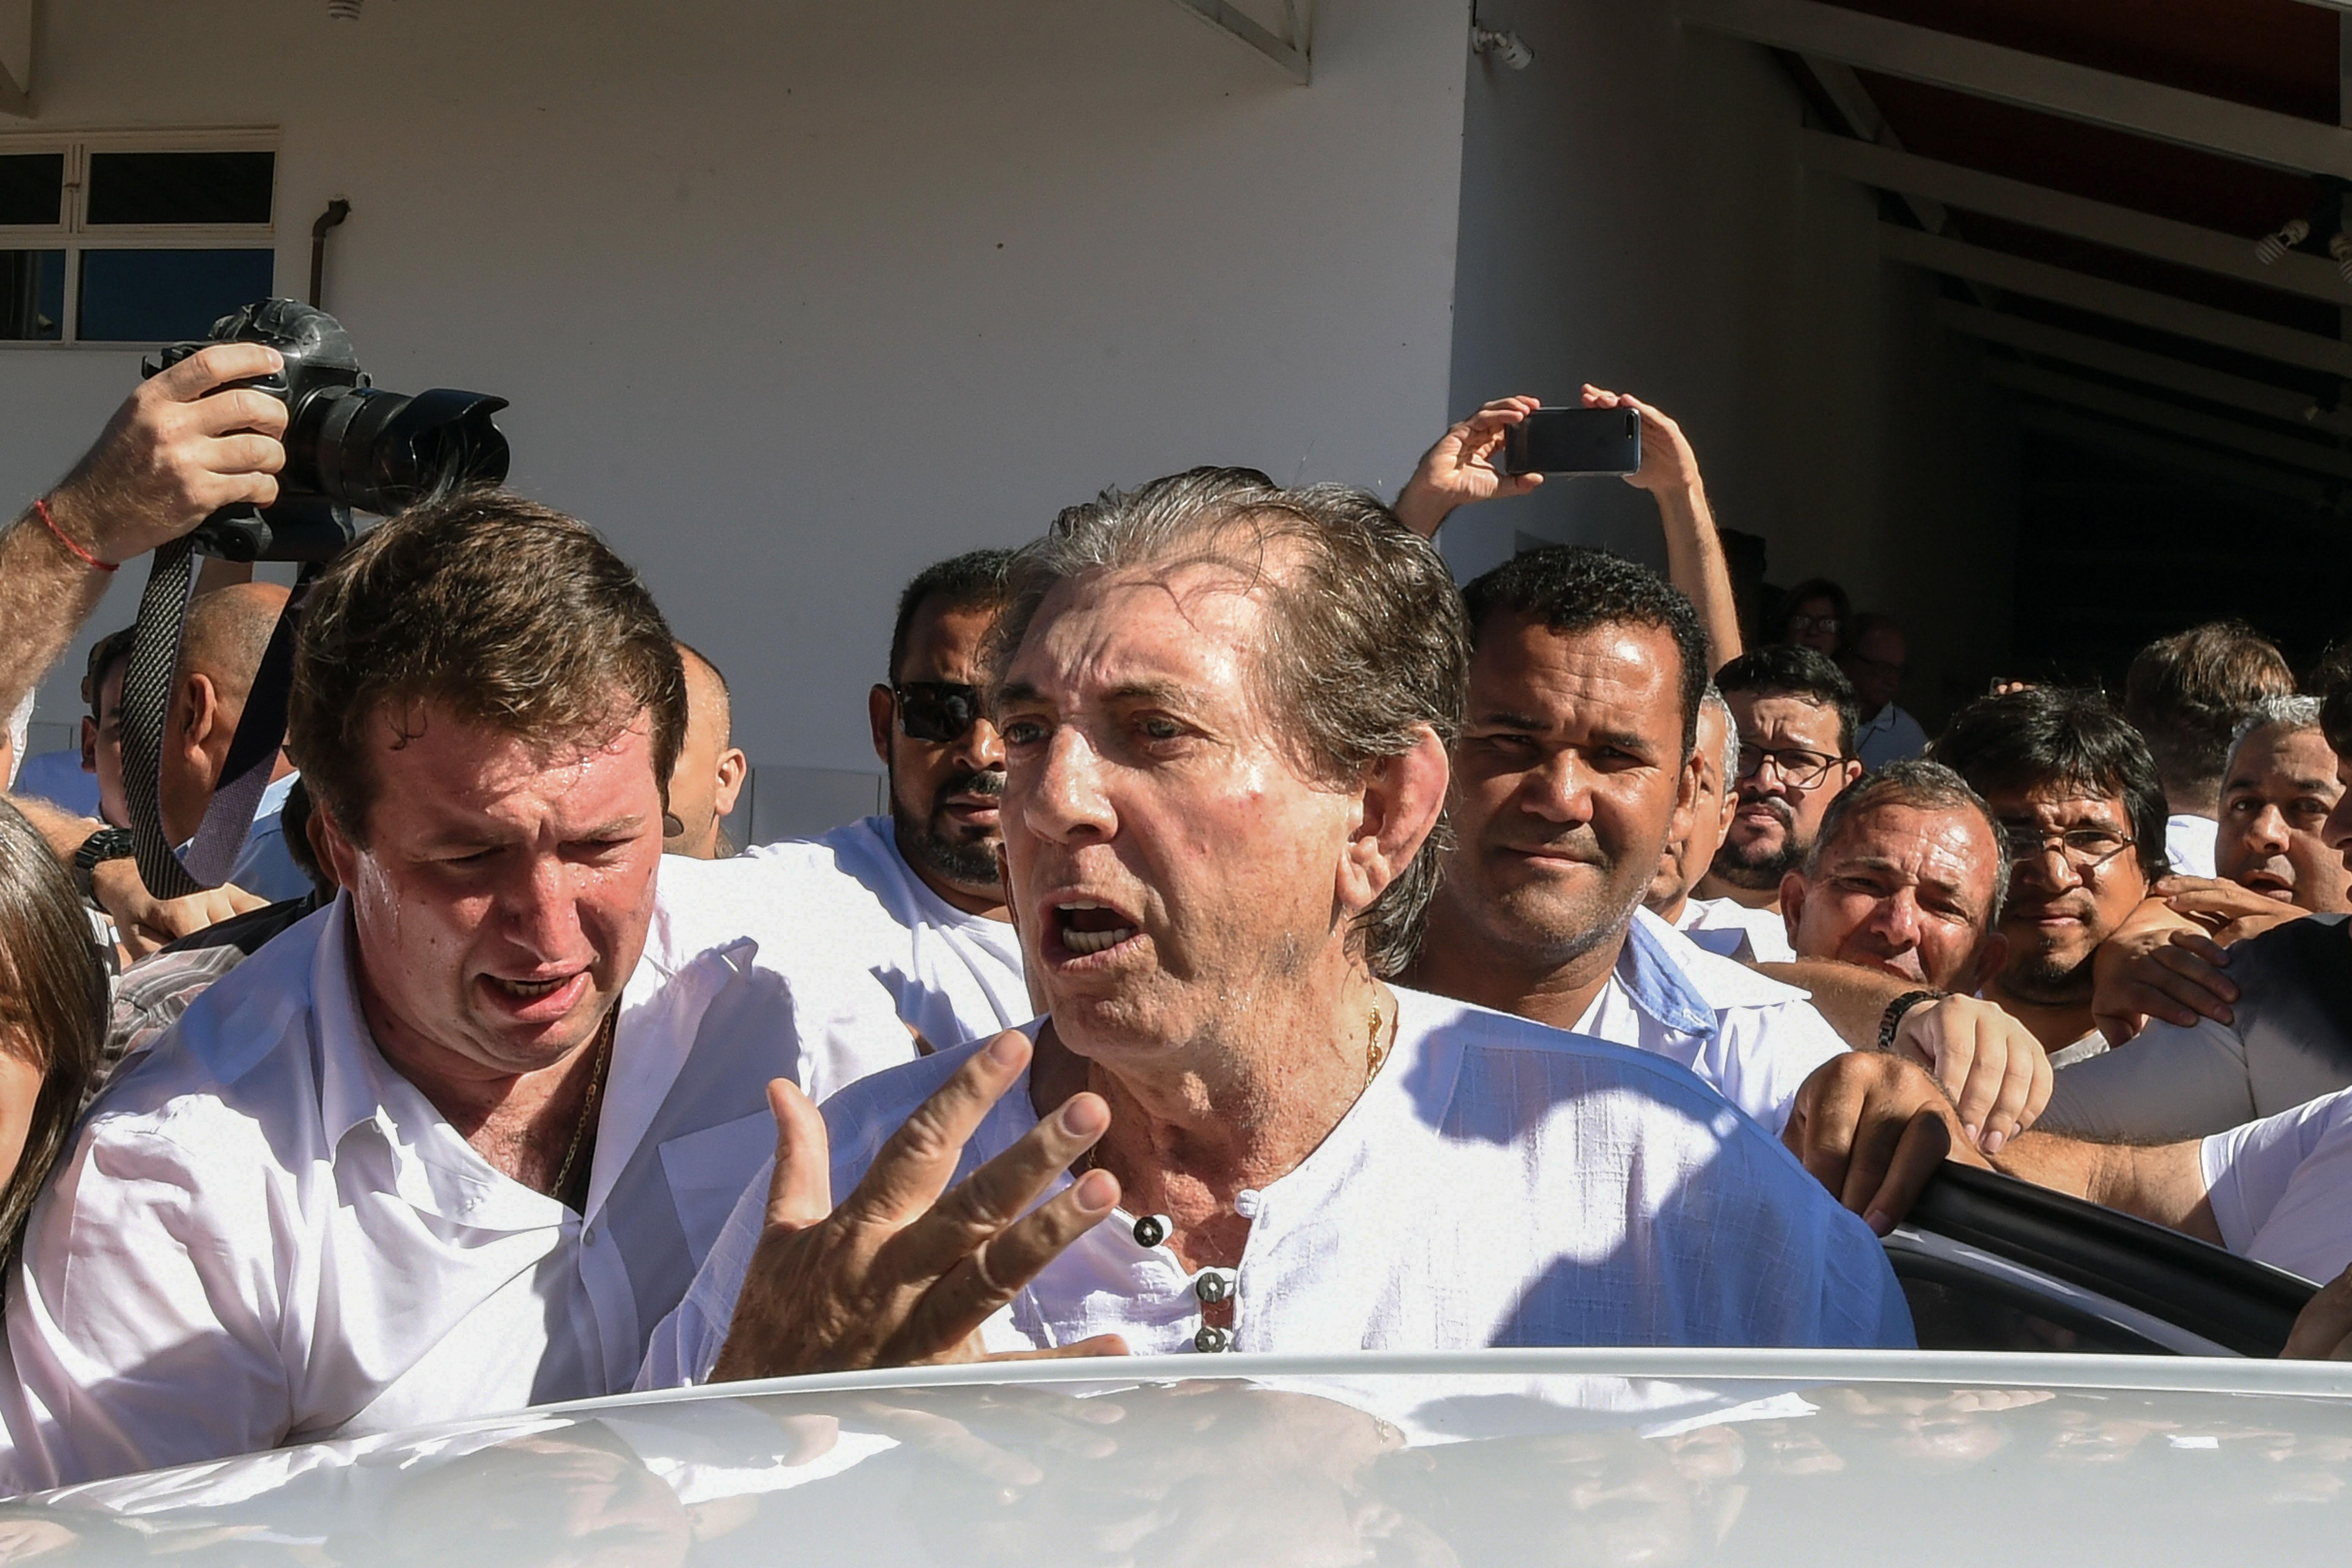 Brazilian  spiritual healer  Joao Teixeira de Faria is escorted by supporters, upon arrival at his  healing center  Casa de Dom Inacio de Loyola, in Abadiania on Dec. 12, 2018.